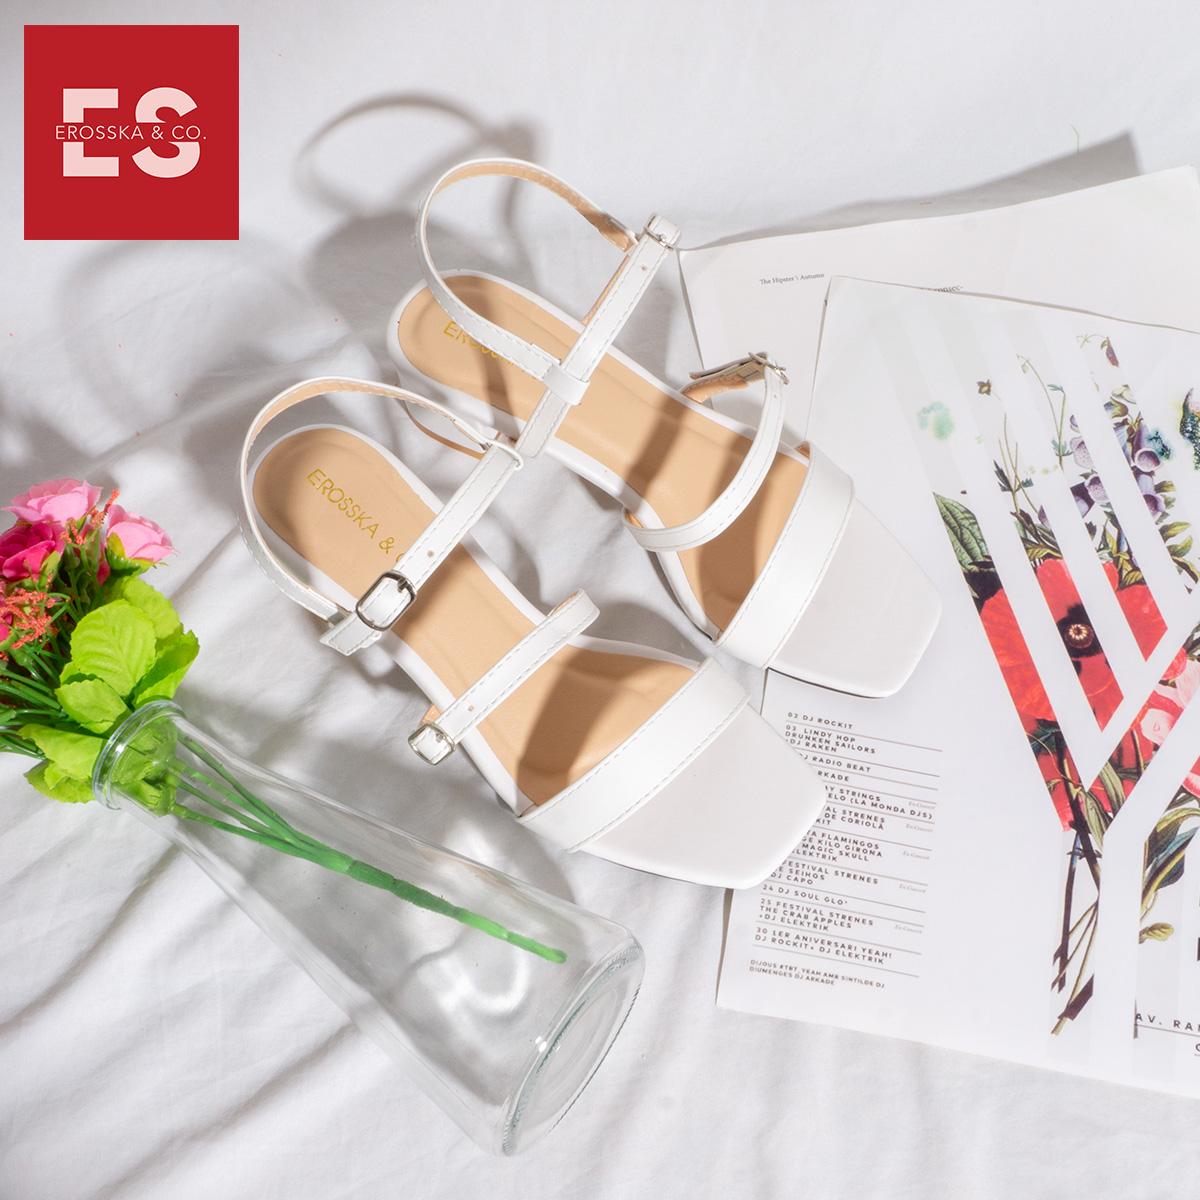 Gia y sandal cao gót Erosska thơ i trang mũi vuông phô i dây quai ma nh cao 3cm EB018 5